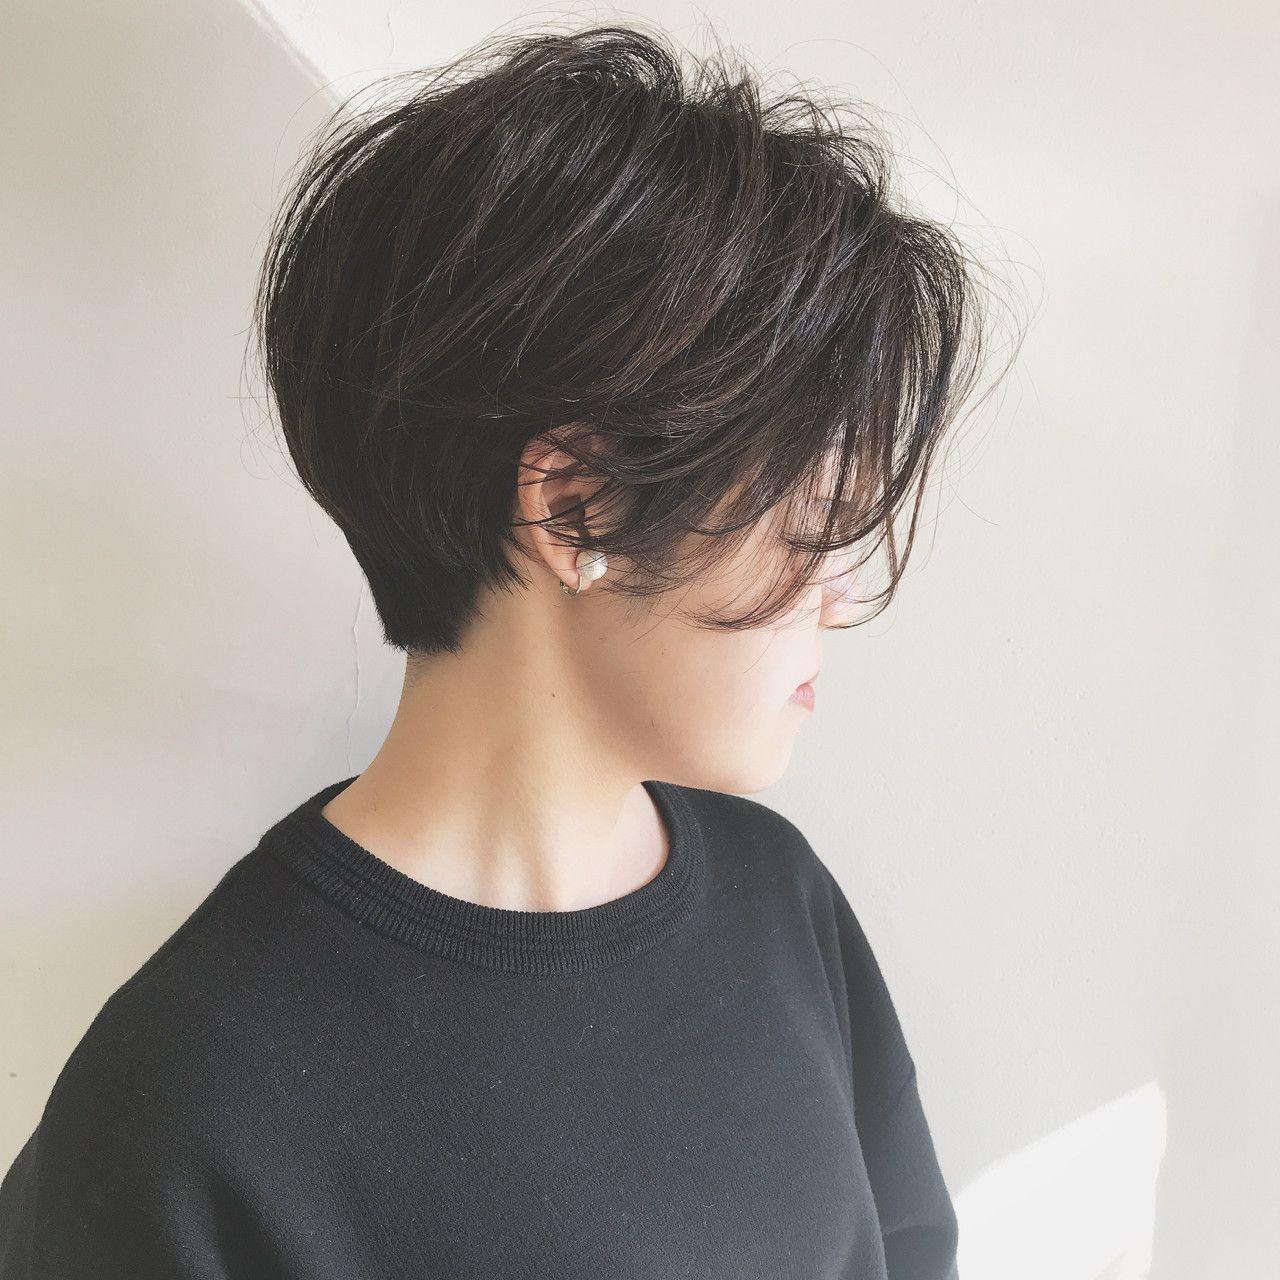 黒髪ショートで垢抜けヘアに!ストレートやパーマなど黒髪ショートスタイルを紹介【HAIR】